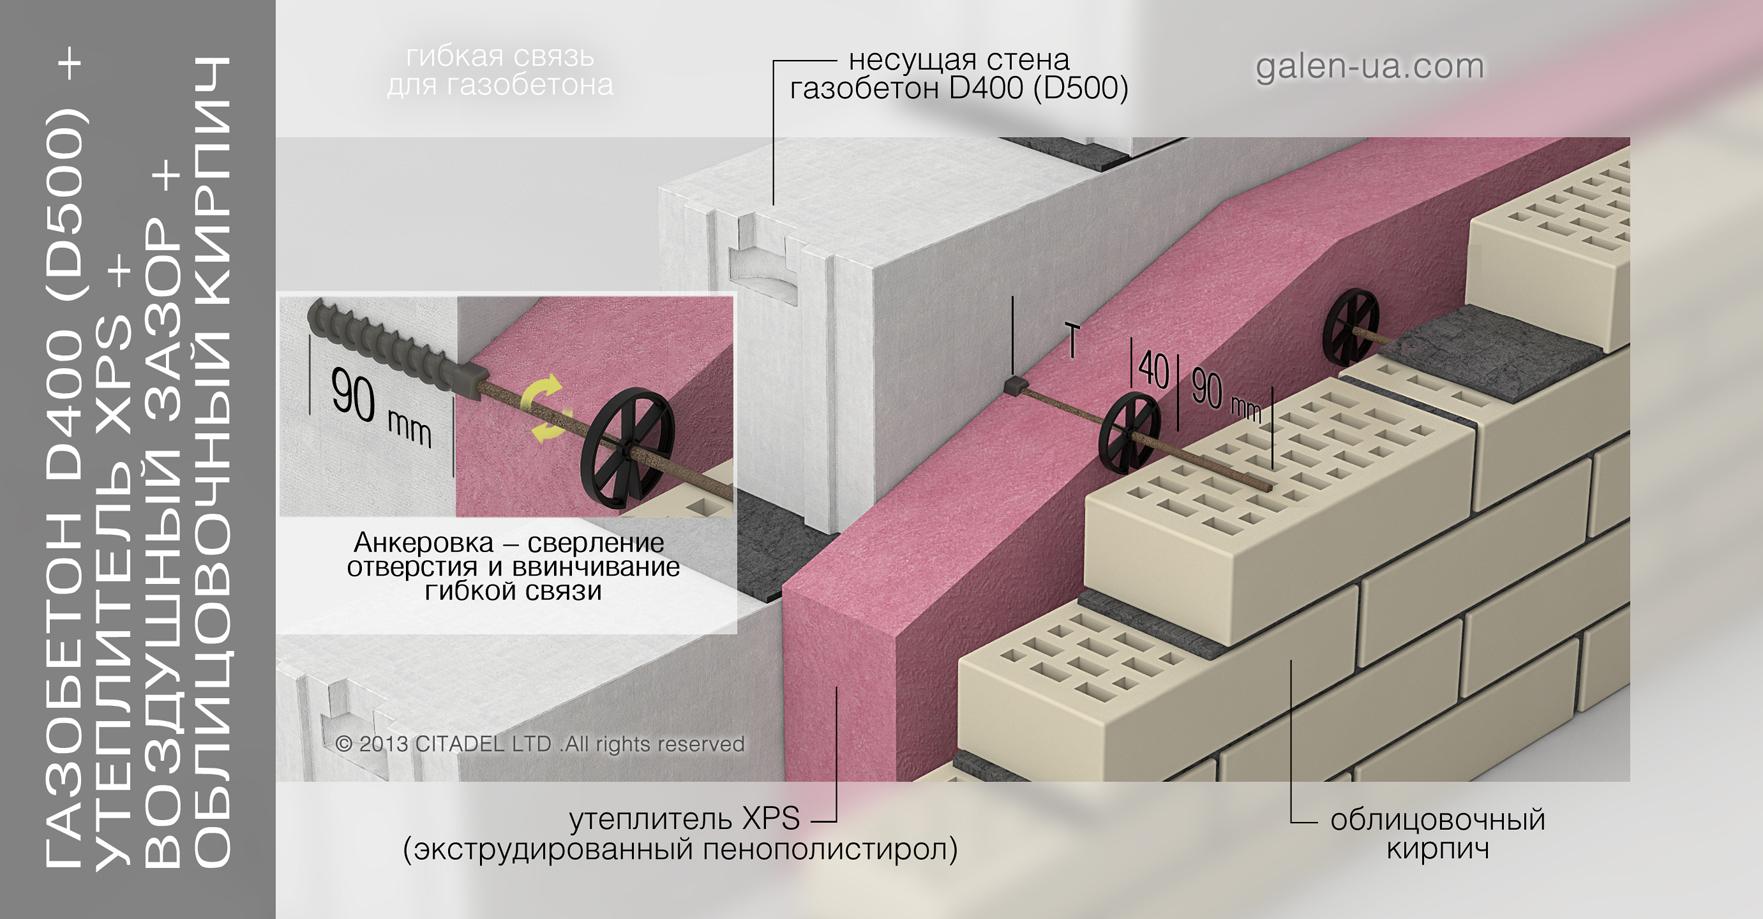 Гибкая связь для газобетона: Газобетон D400 (D500) + Утеплитель XPS + Воздушный зазор + Облицовочный кирпич